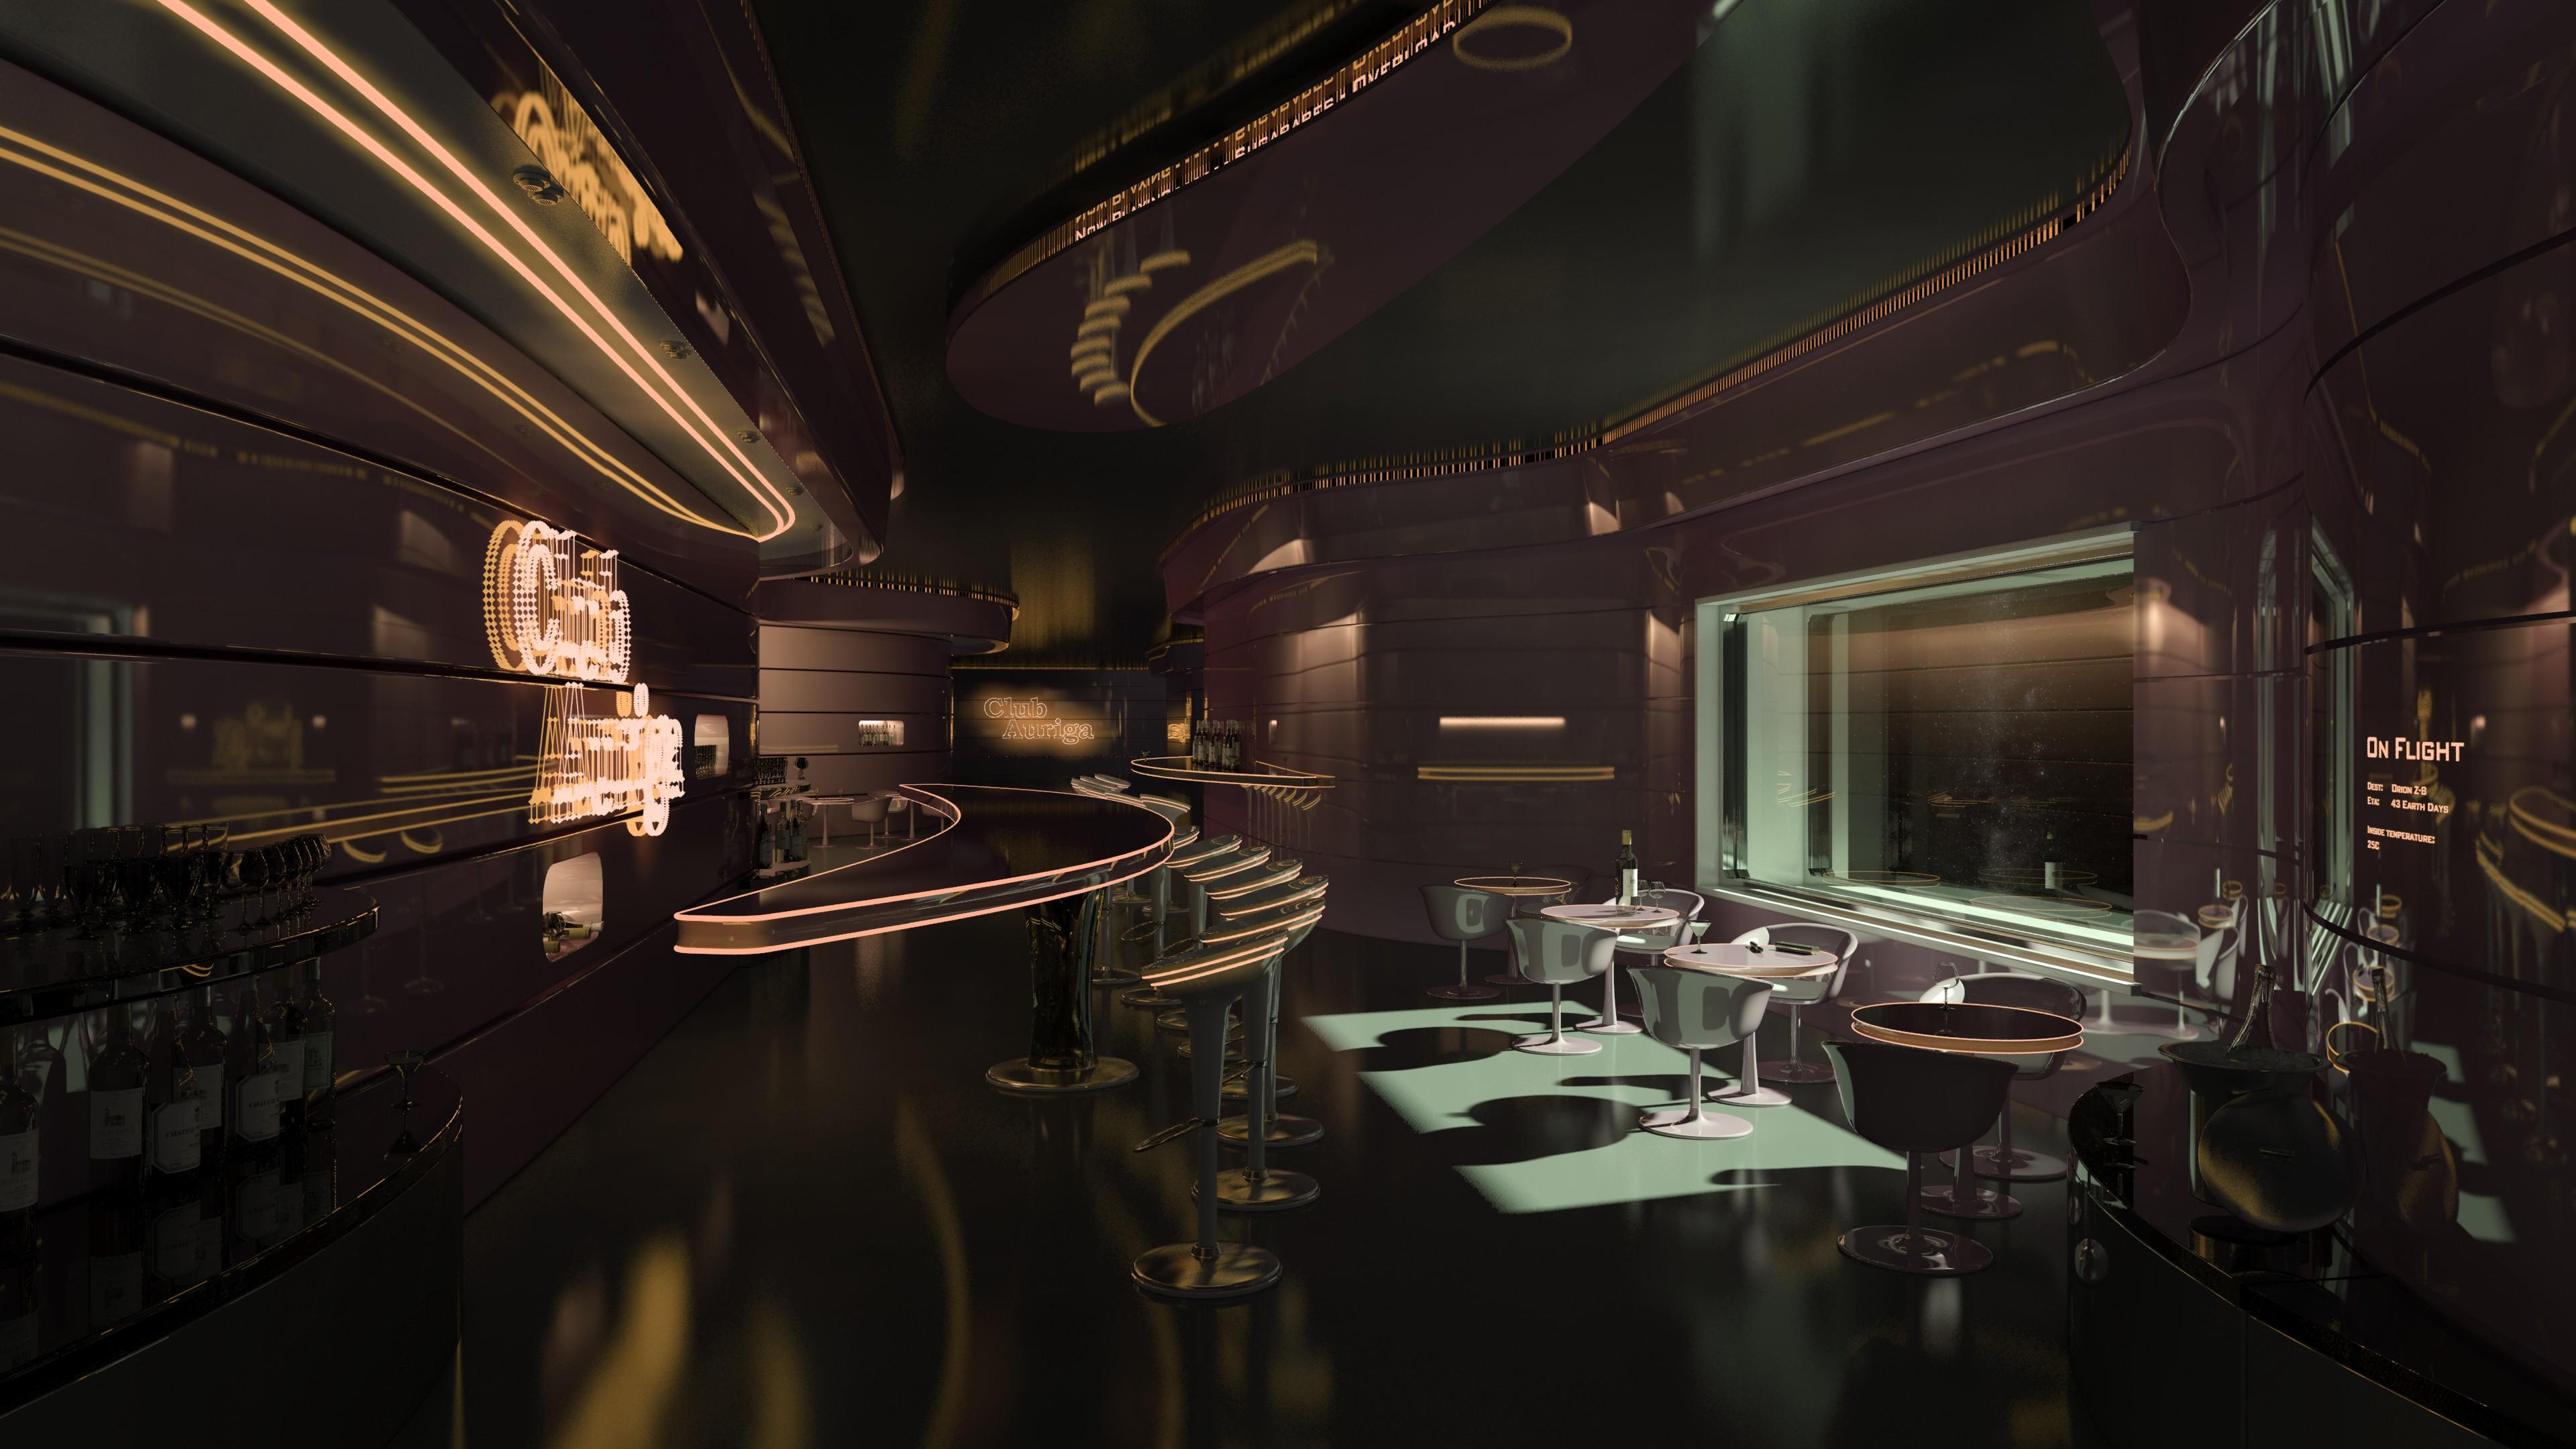 Sfondi : rendere futuristico stazione spaziale bar ristorante